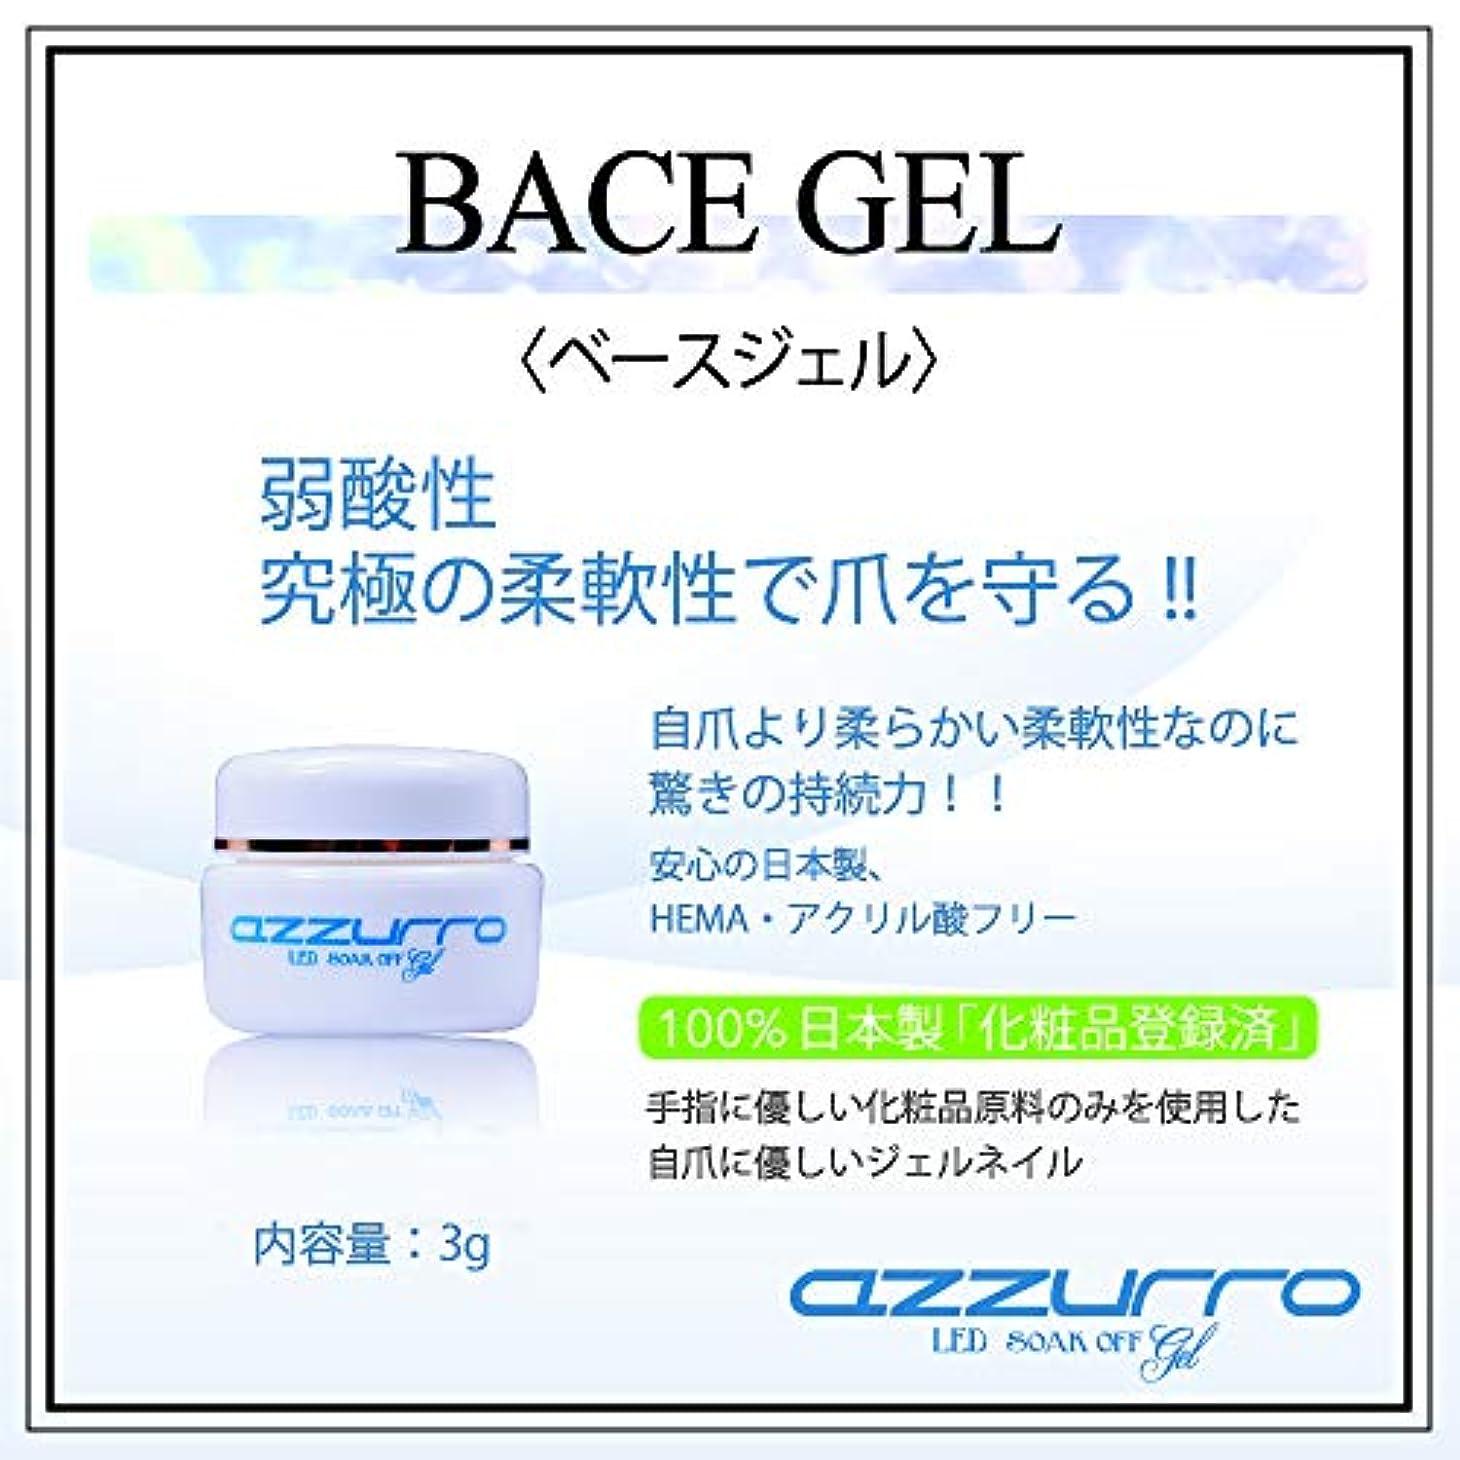 多年生第二どちらかazzurro gel アッズーロ ベースジェル 日本製 驚きの密着力 リムーバーでオフも簡単3g